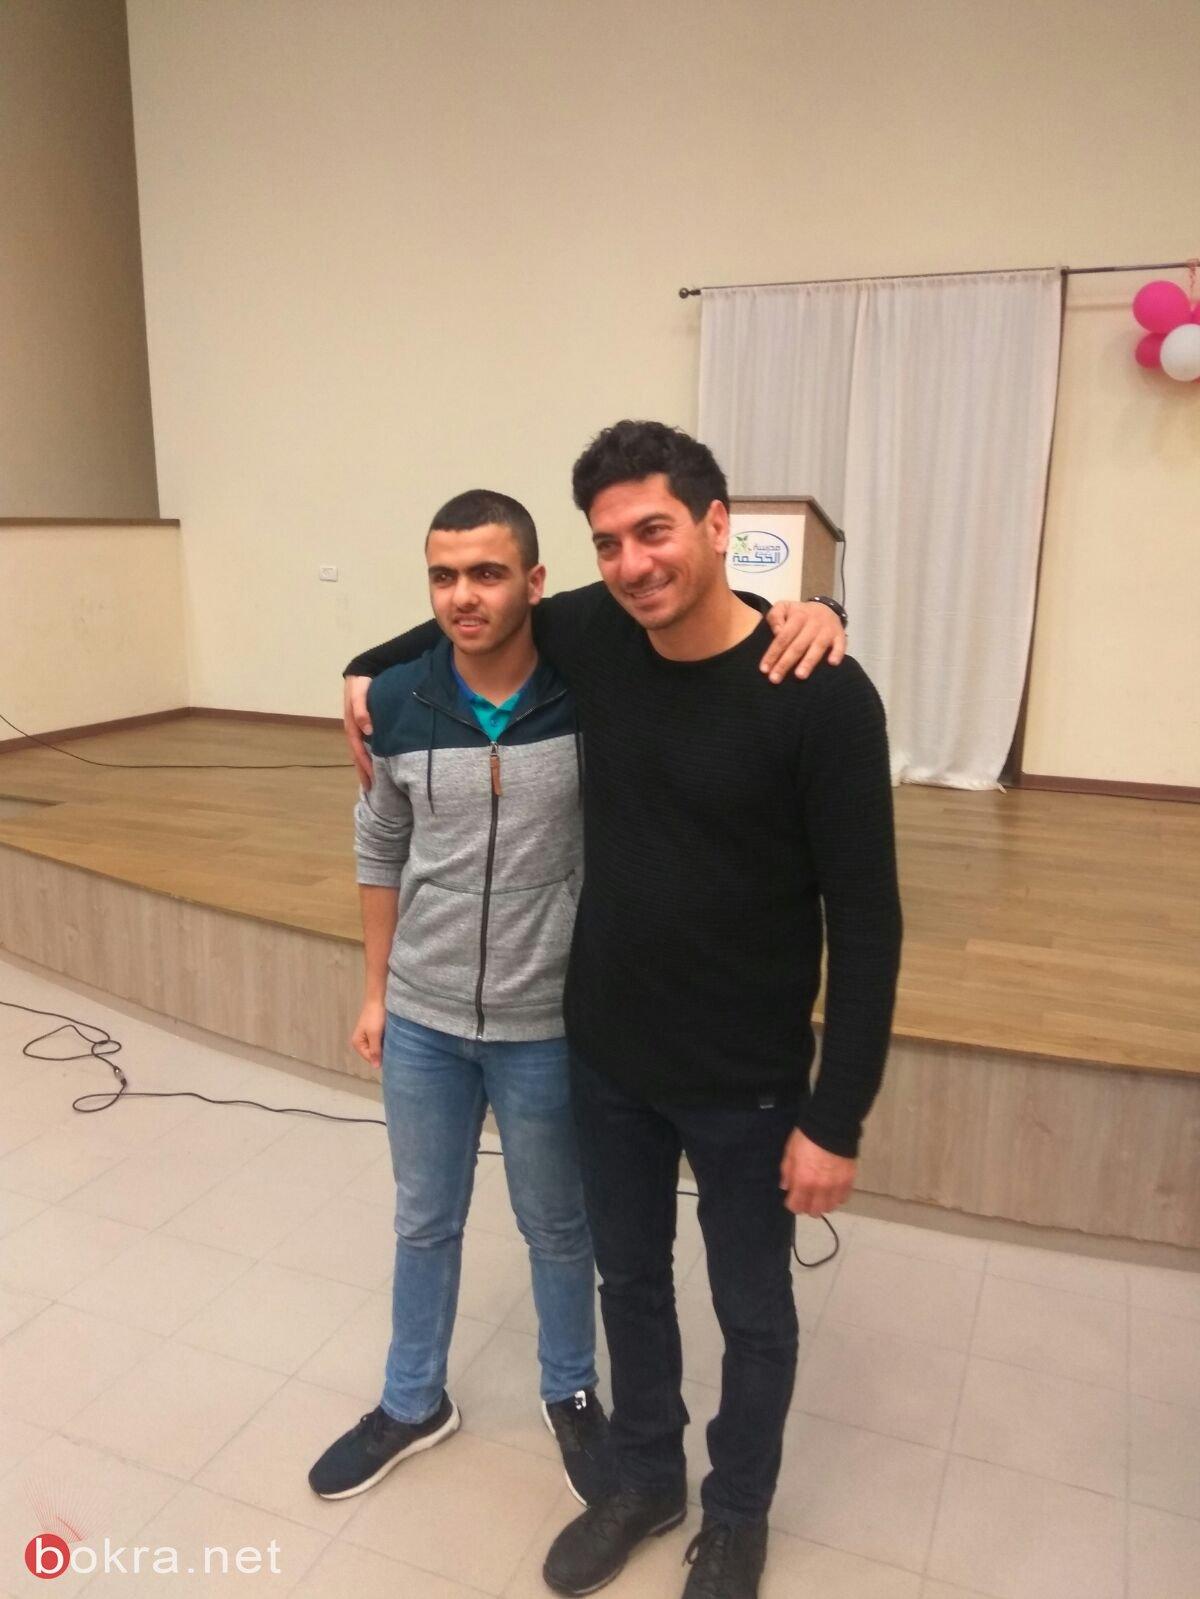 مروان مخول ضيفا على مدرسة بيت الحكمة